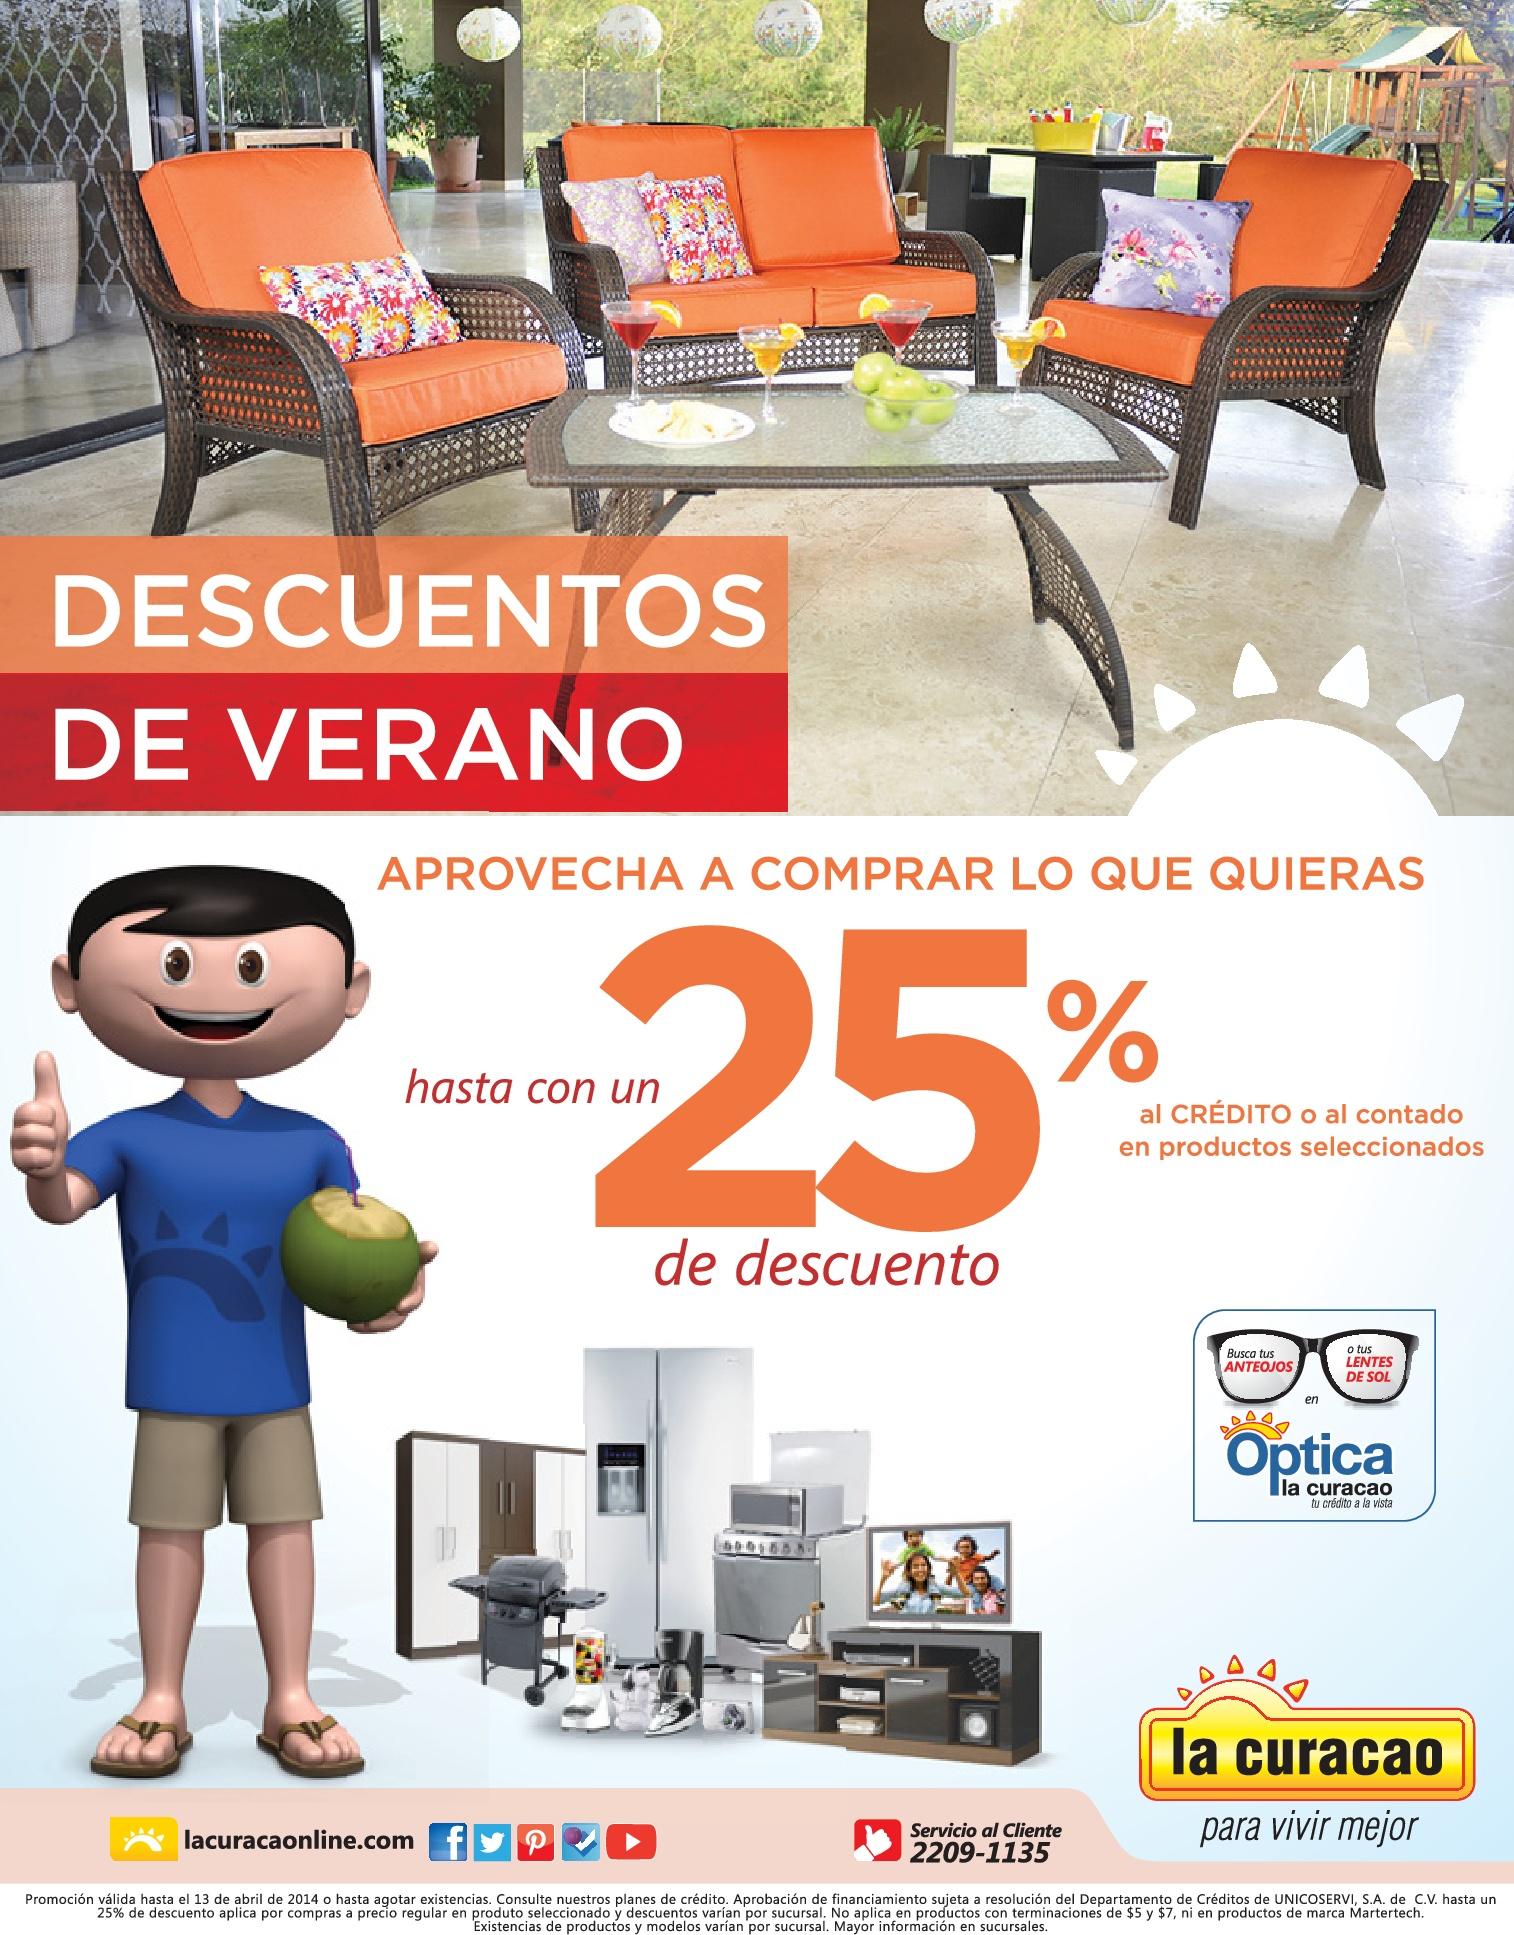 Muebles de verano descuento especial 09abr14 ofertas ahora - Muebles de verano ...